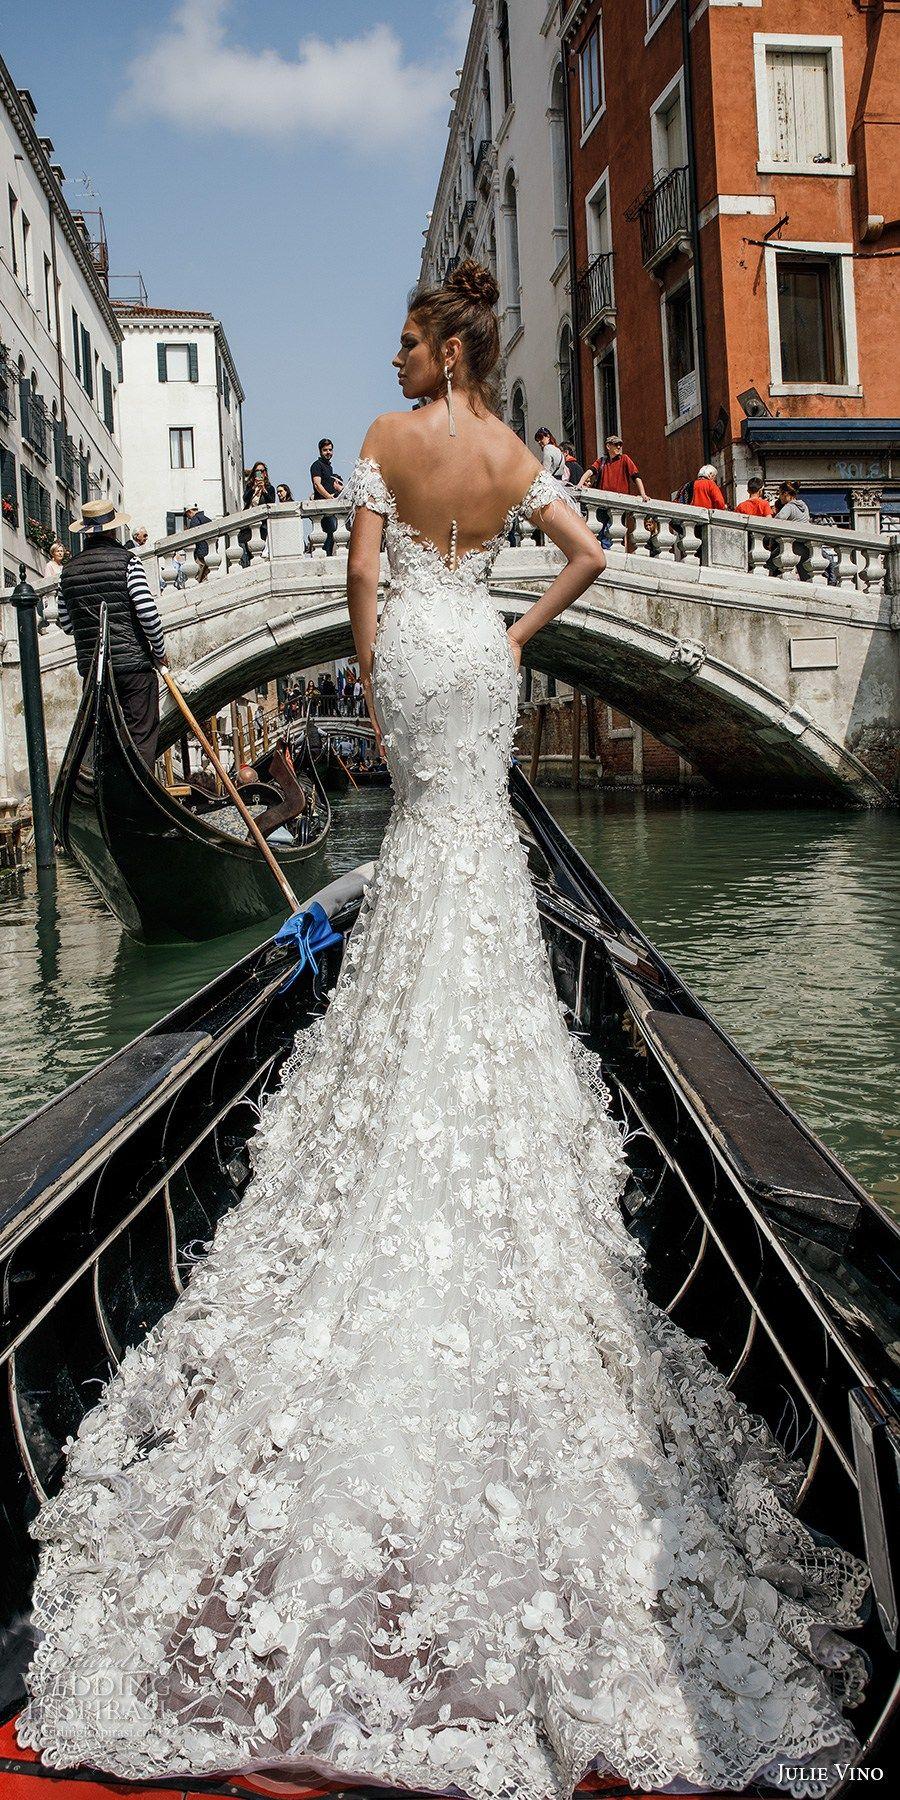 Julie vino spring wedding dresses